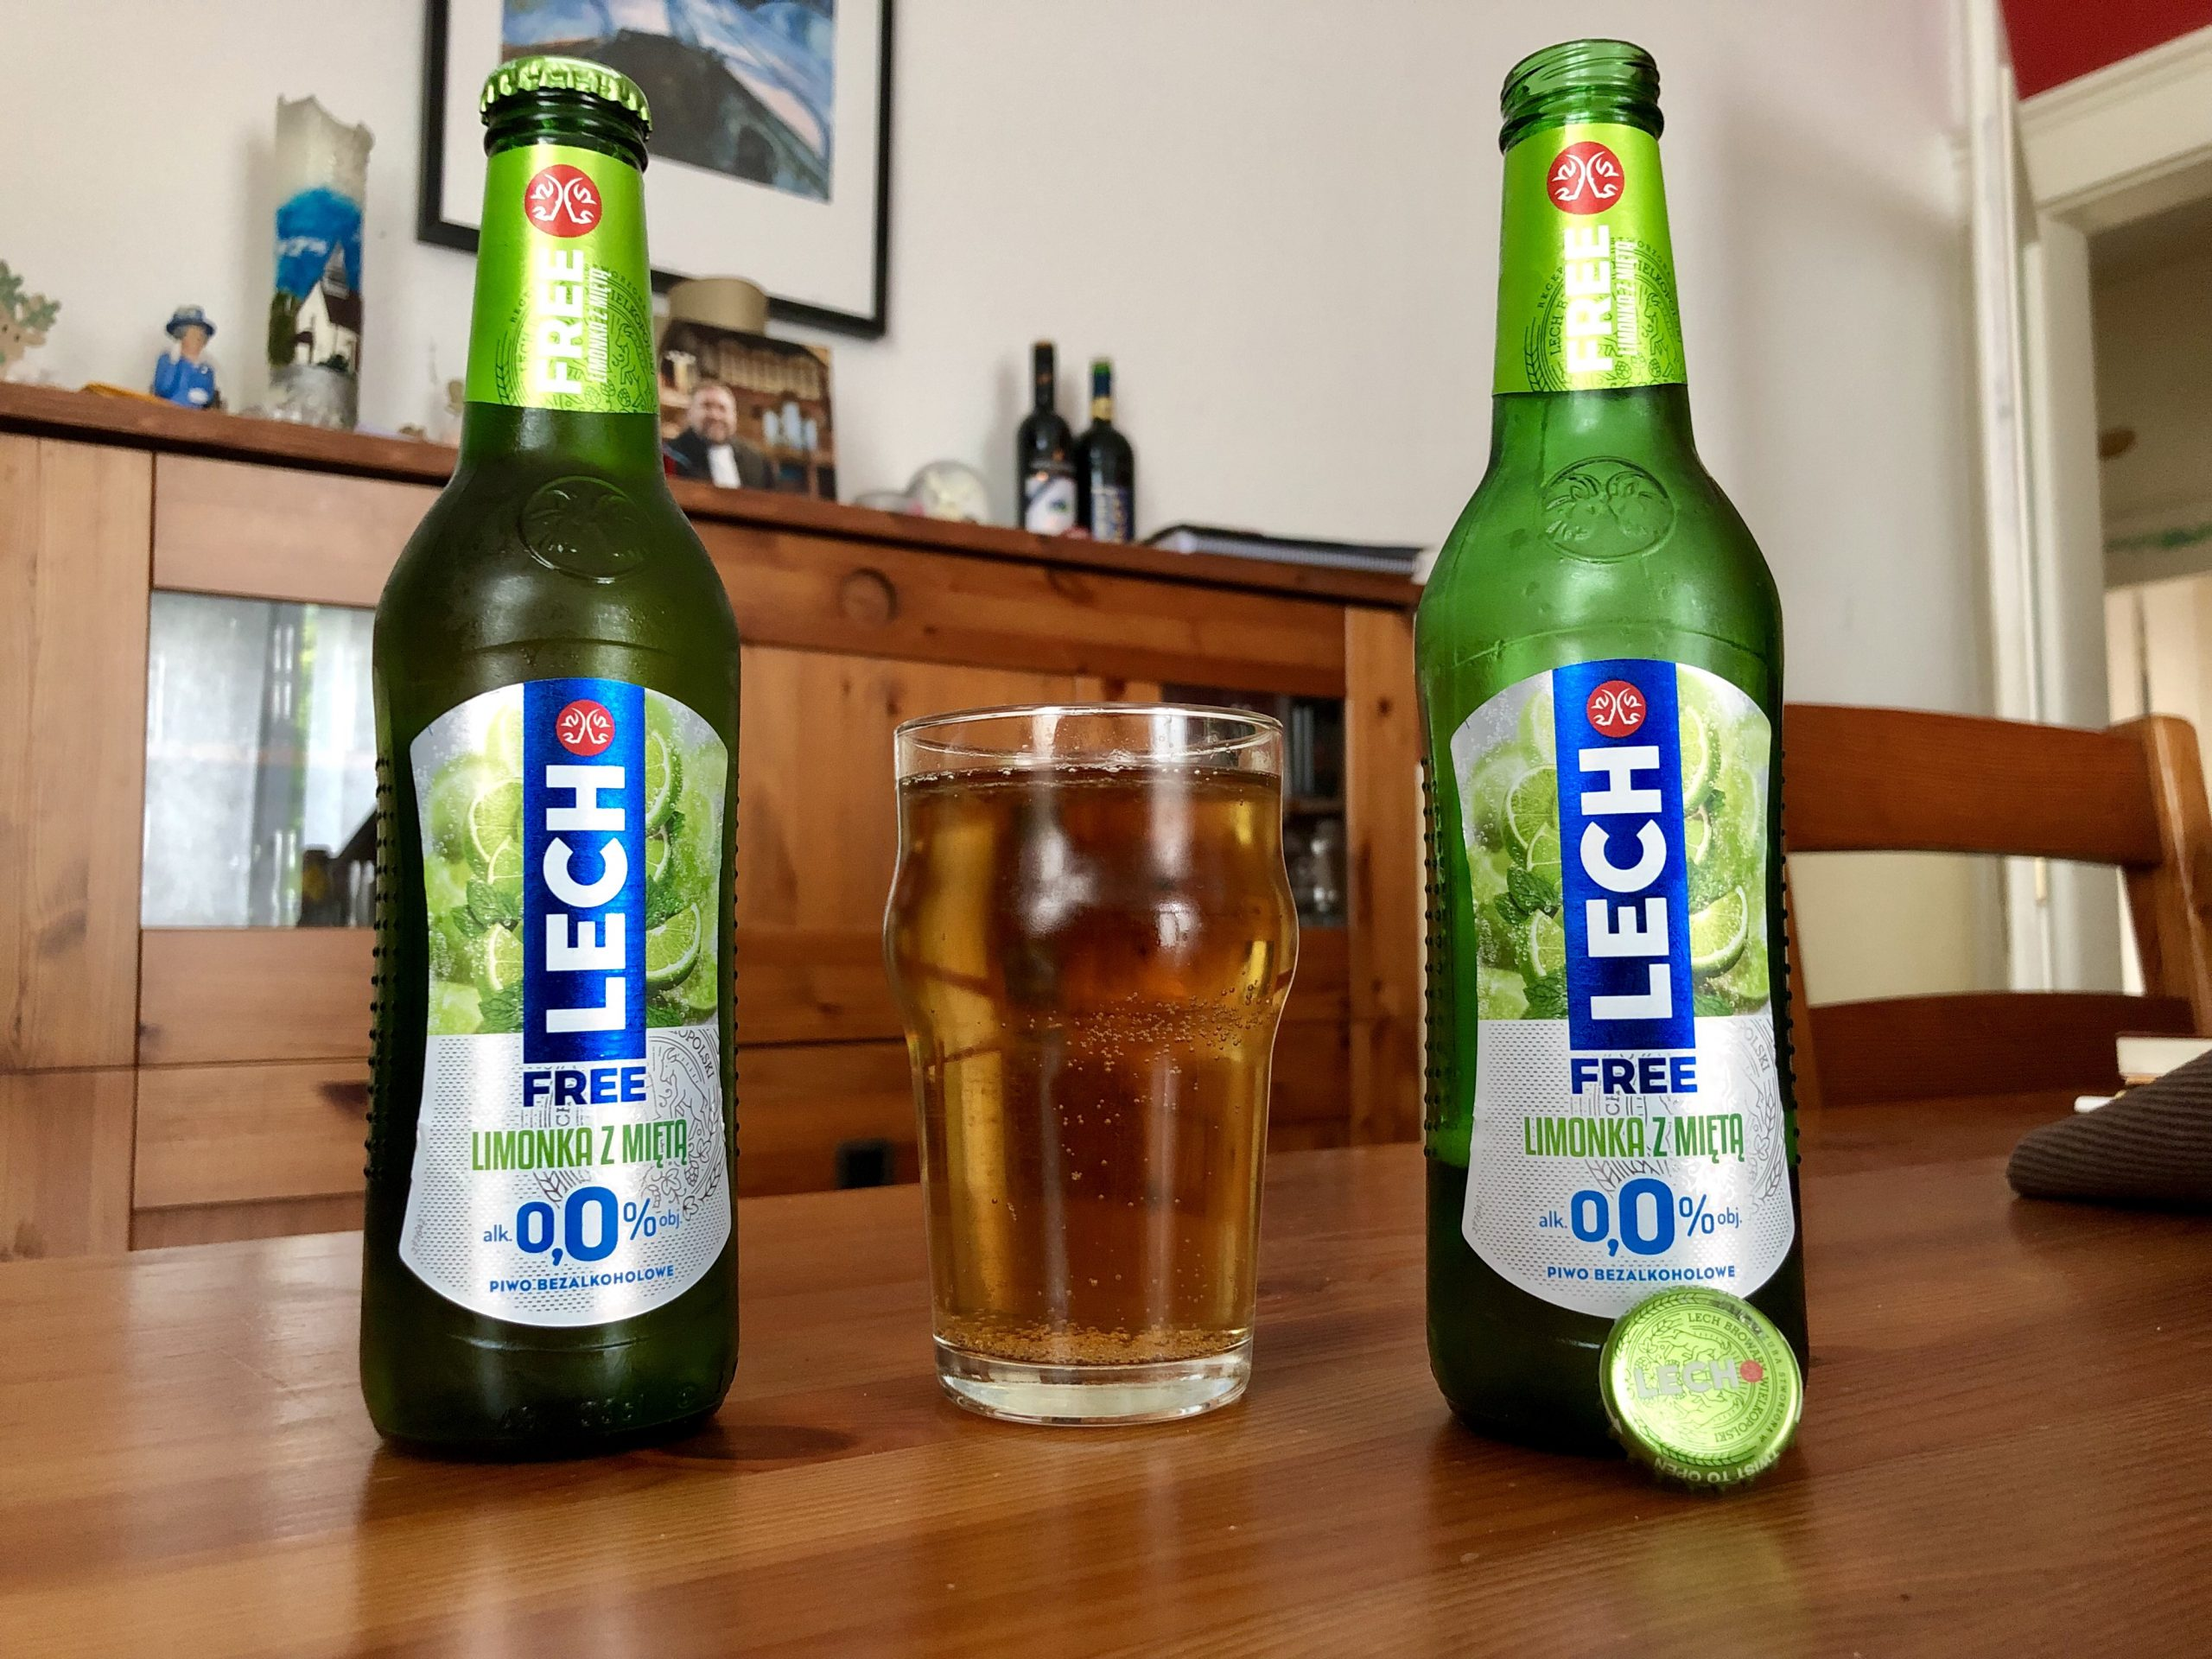 Exotisch & alkoholfrei aus Polen (?)